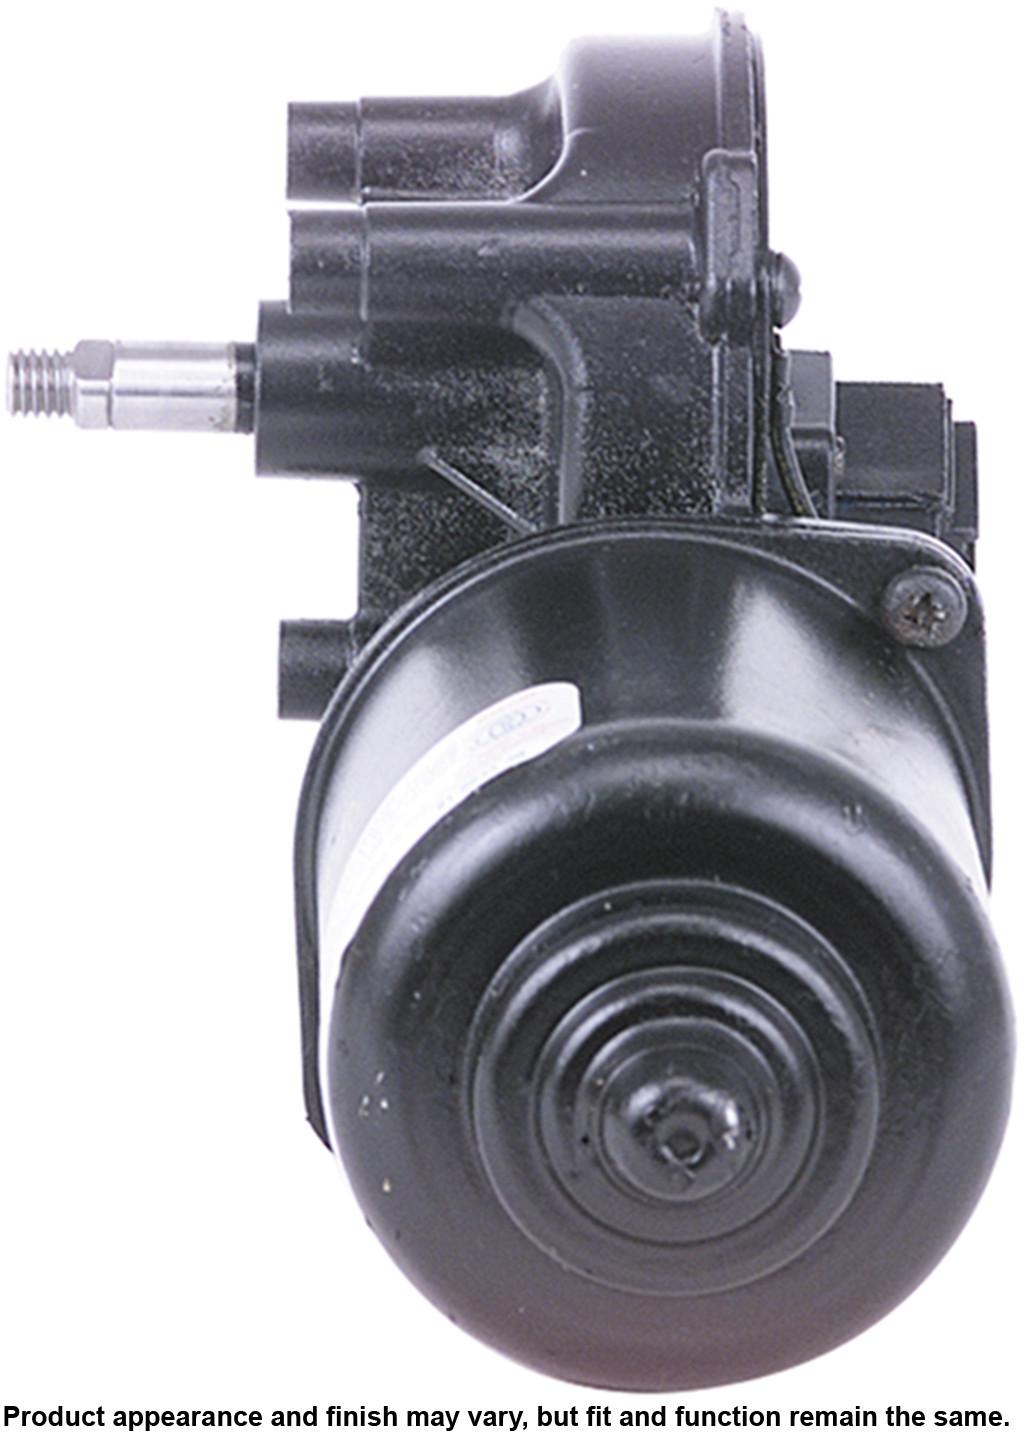 Imagen de Motor de Limpiaparabrisas para Subaru GL 1986 Subaru RX 1987 Marca CARDONE Número de Parte 43-1436 Remanufacturado